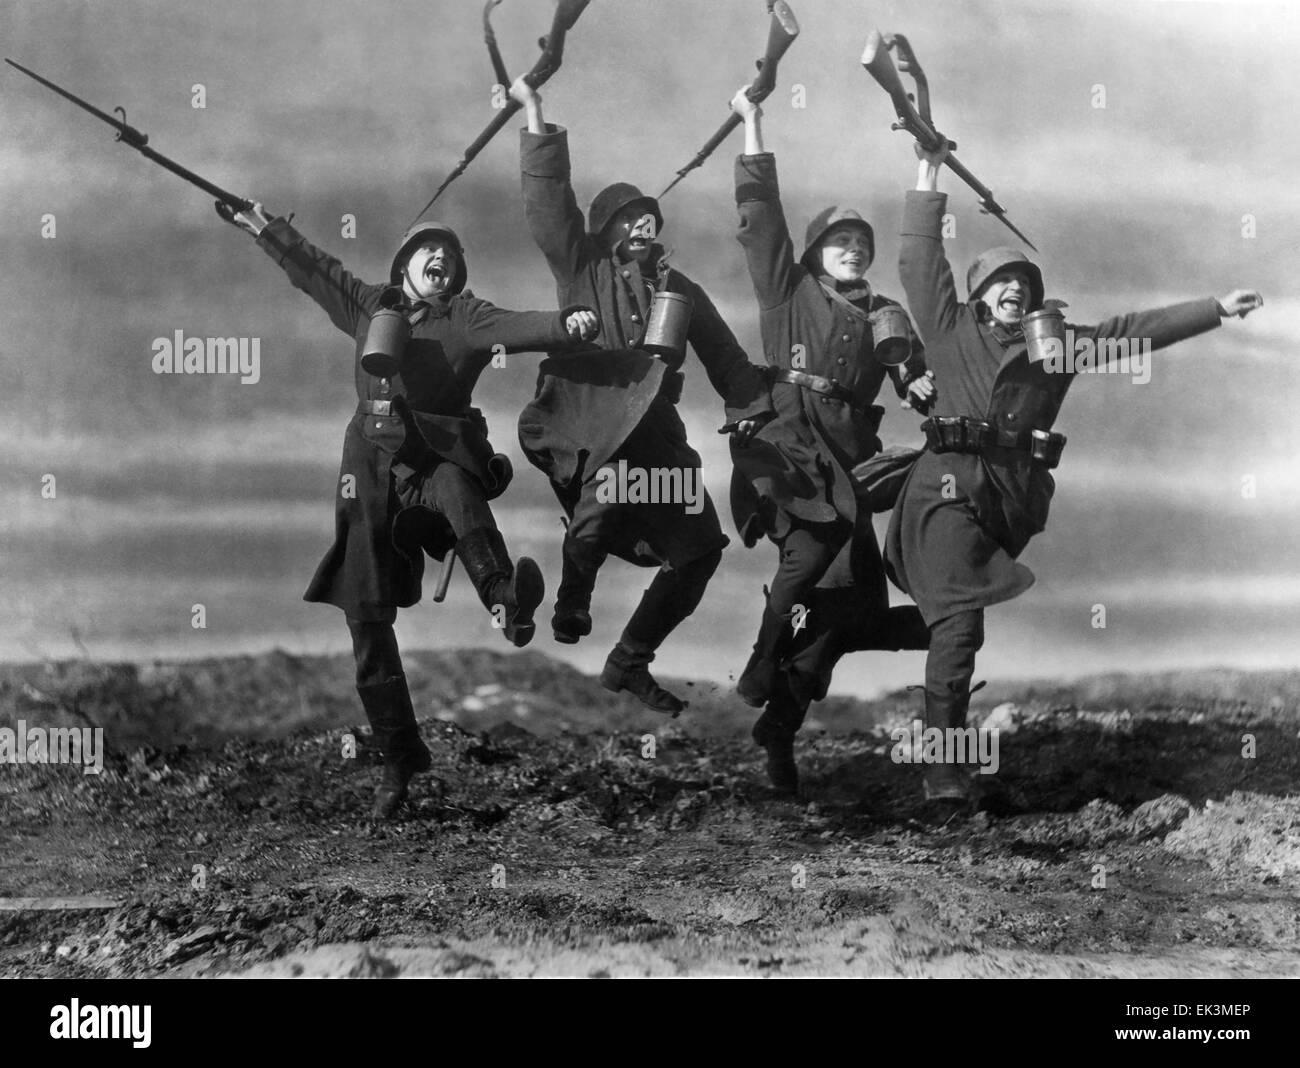 """Siegreichen Soldaten mit Gewehren, am Set des Films """"Der Weg zurück"""", 1937 Stockbild"""